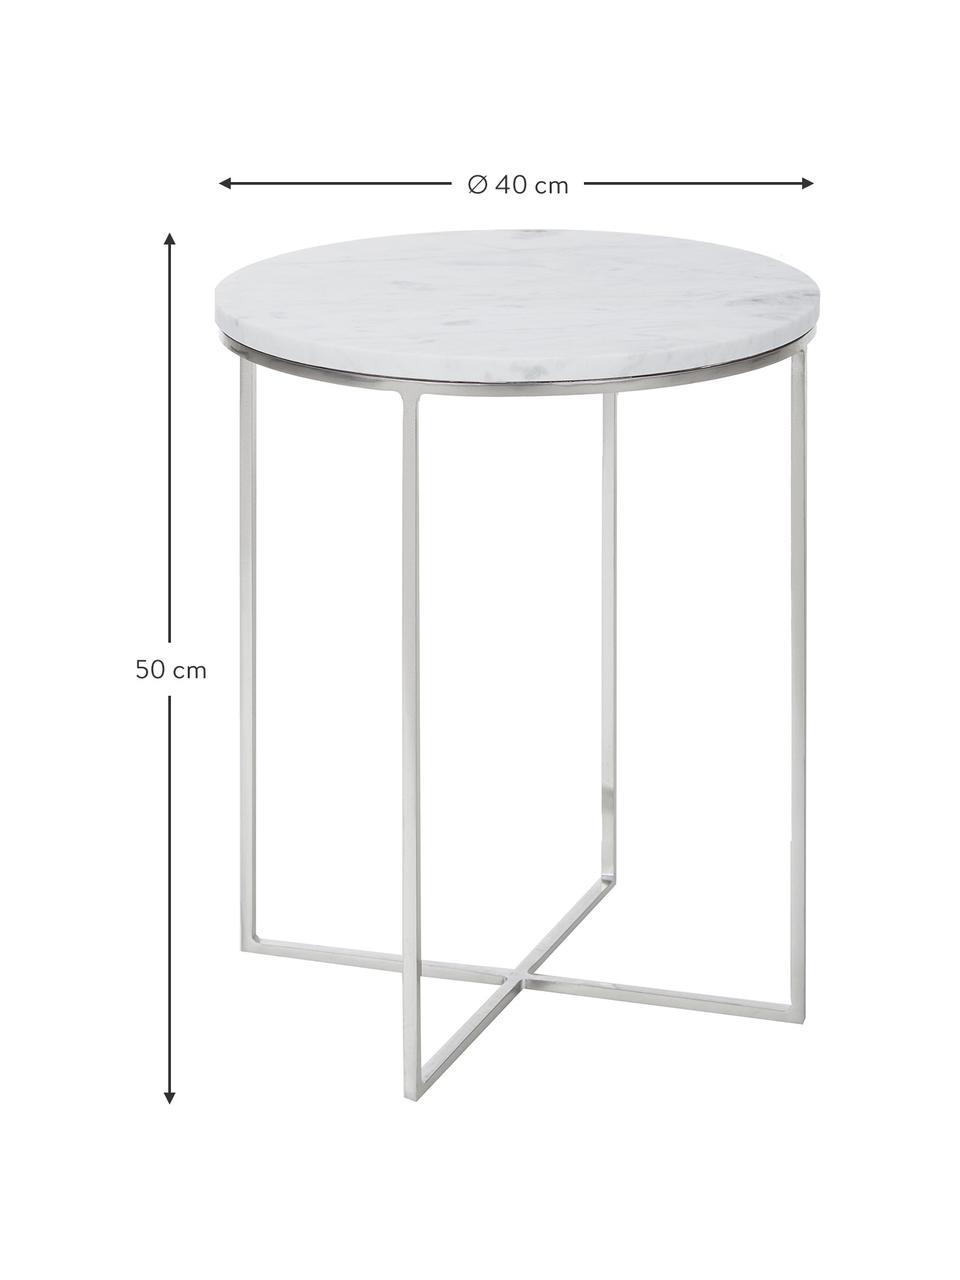 Tavolino rotondo con piano in marmo Alys, Struttura: metallo verniciato a polv, Piano: marmo bianco-grigio leggermente lucido Struttura: argentato opaco, Ø 40 x Alt. 50 cm